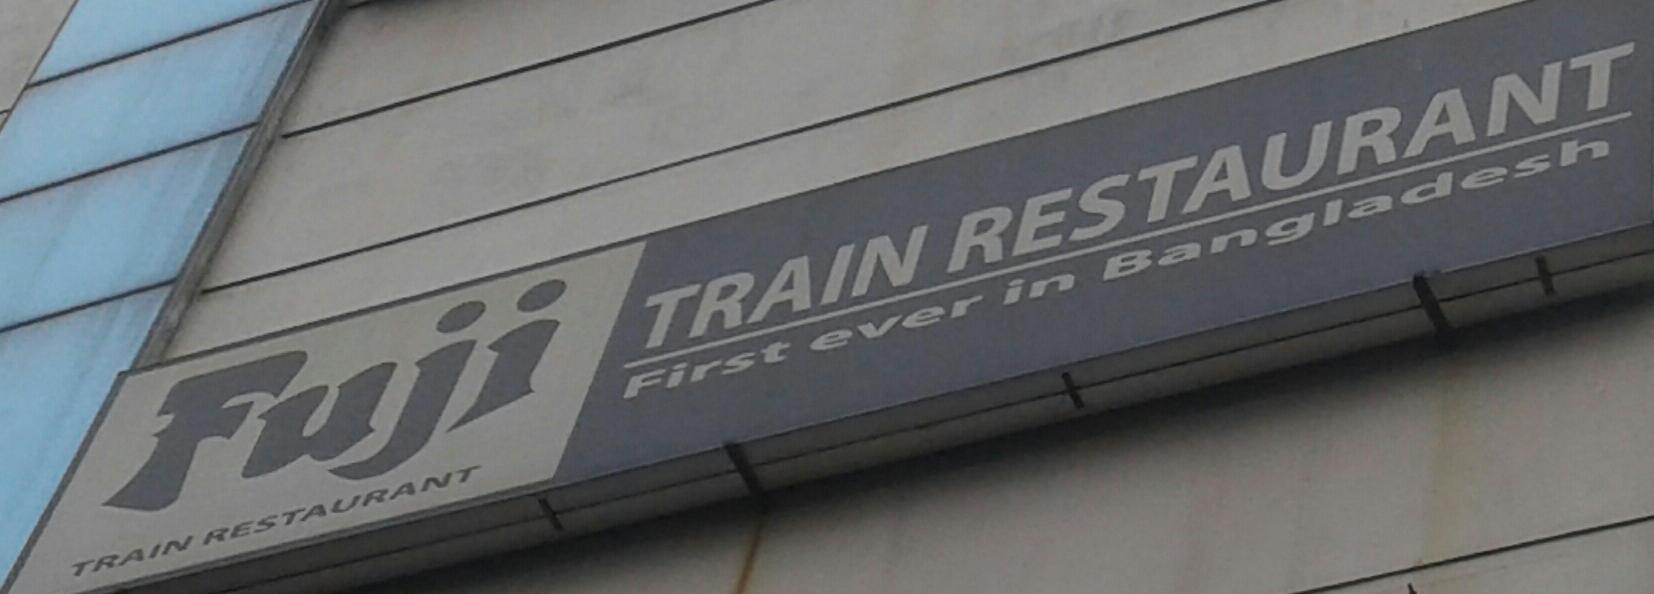 Fuji Train Restaurant